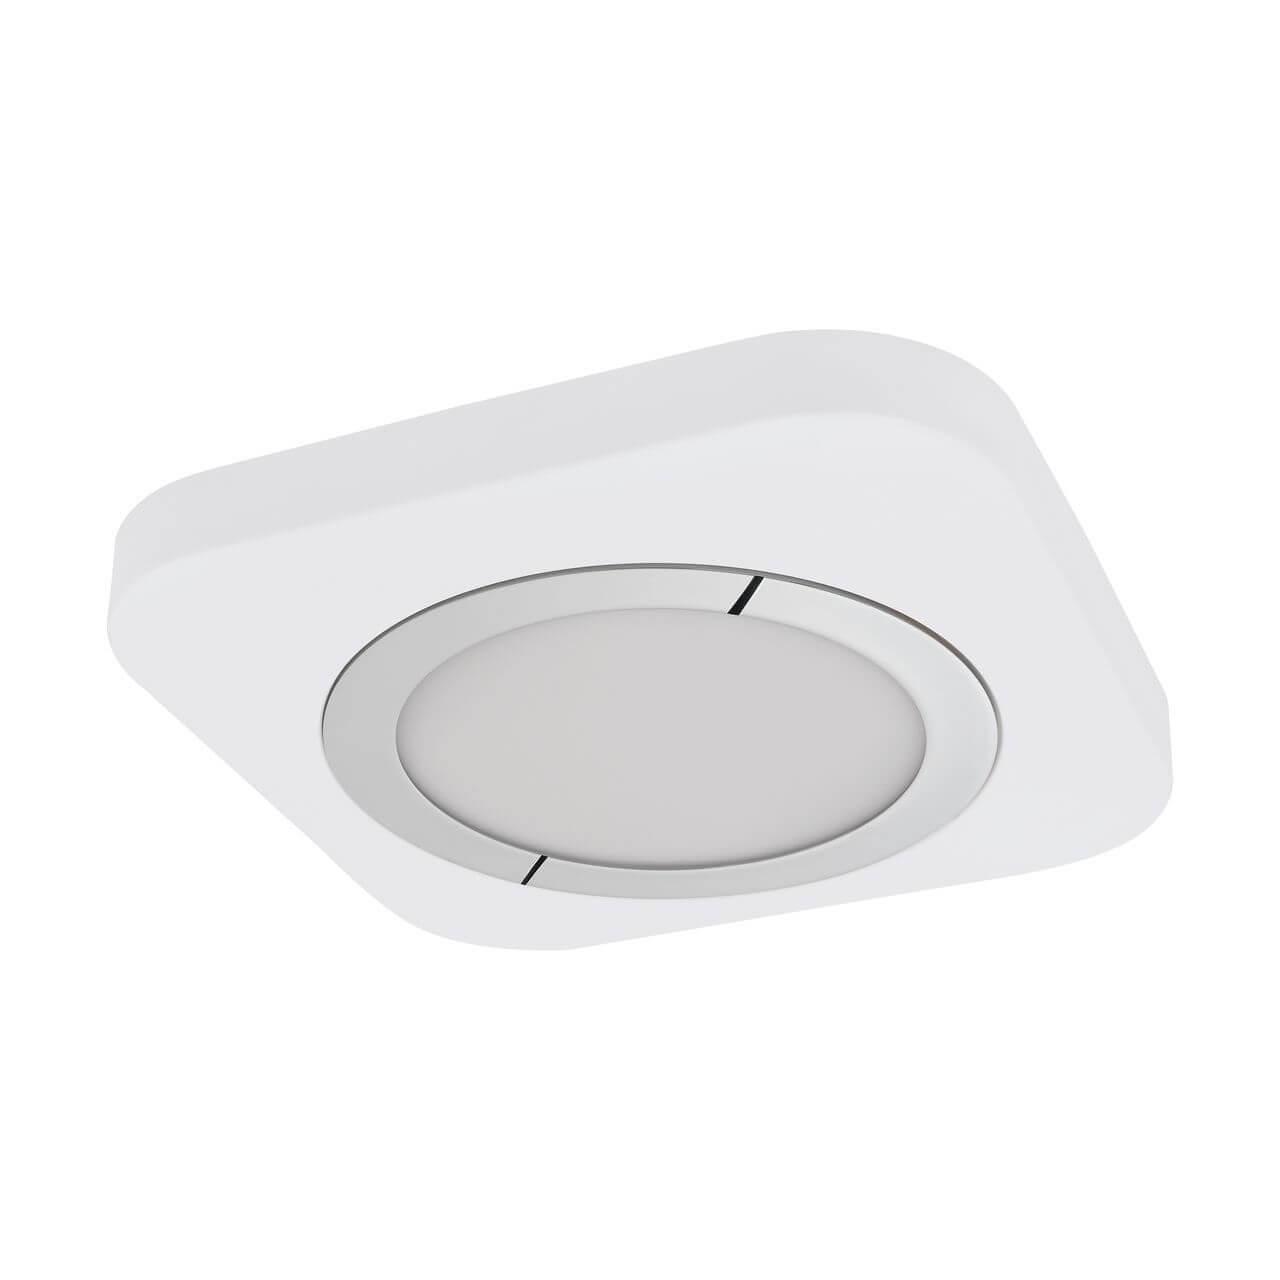 лучшая цена Настенно-потолочный светодиодный светильник Eglo Puyo 96396